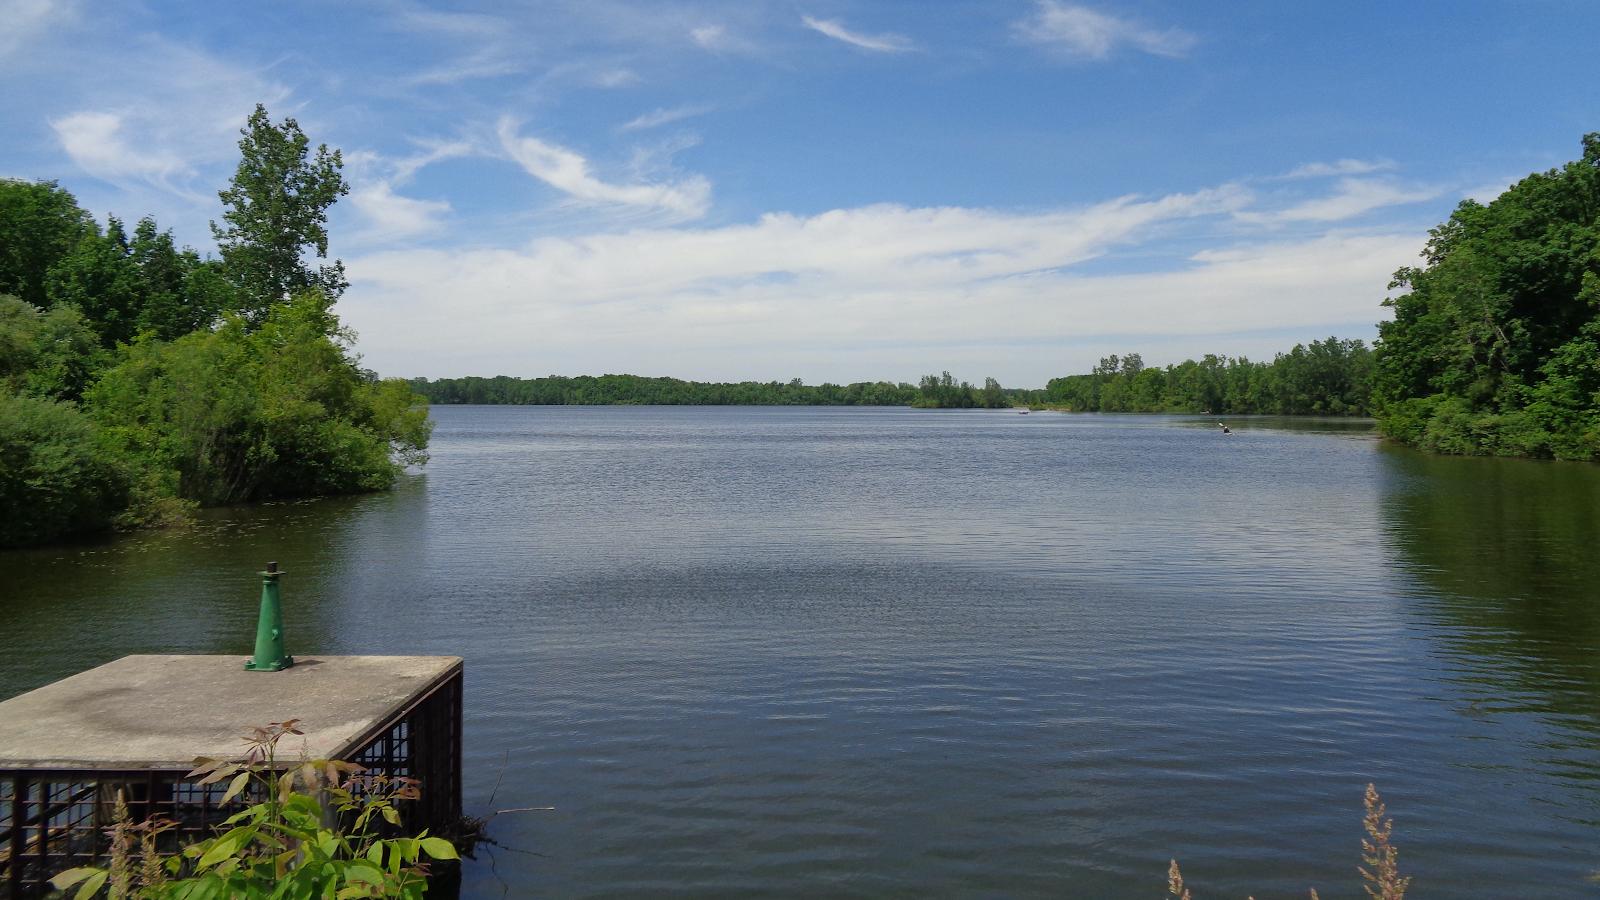 lake Hudson in Granville Ohio